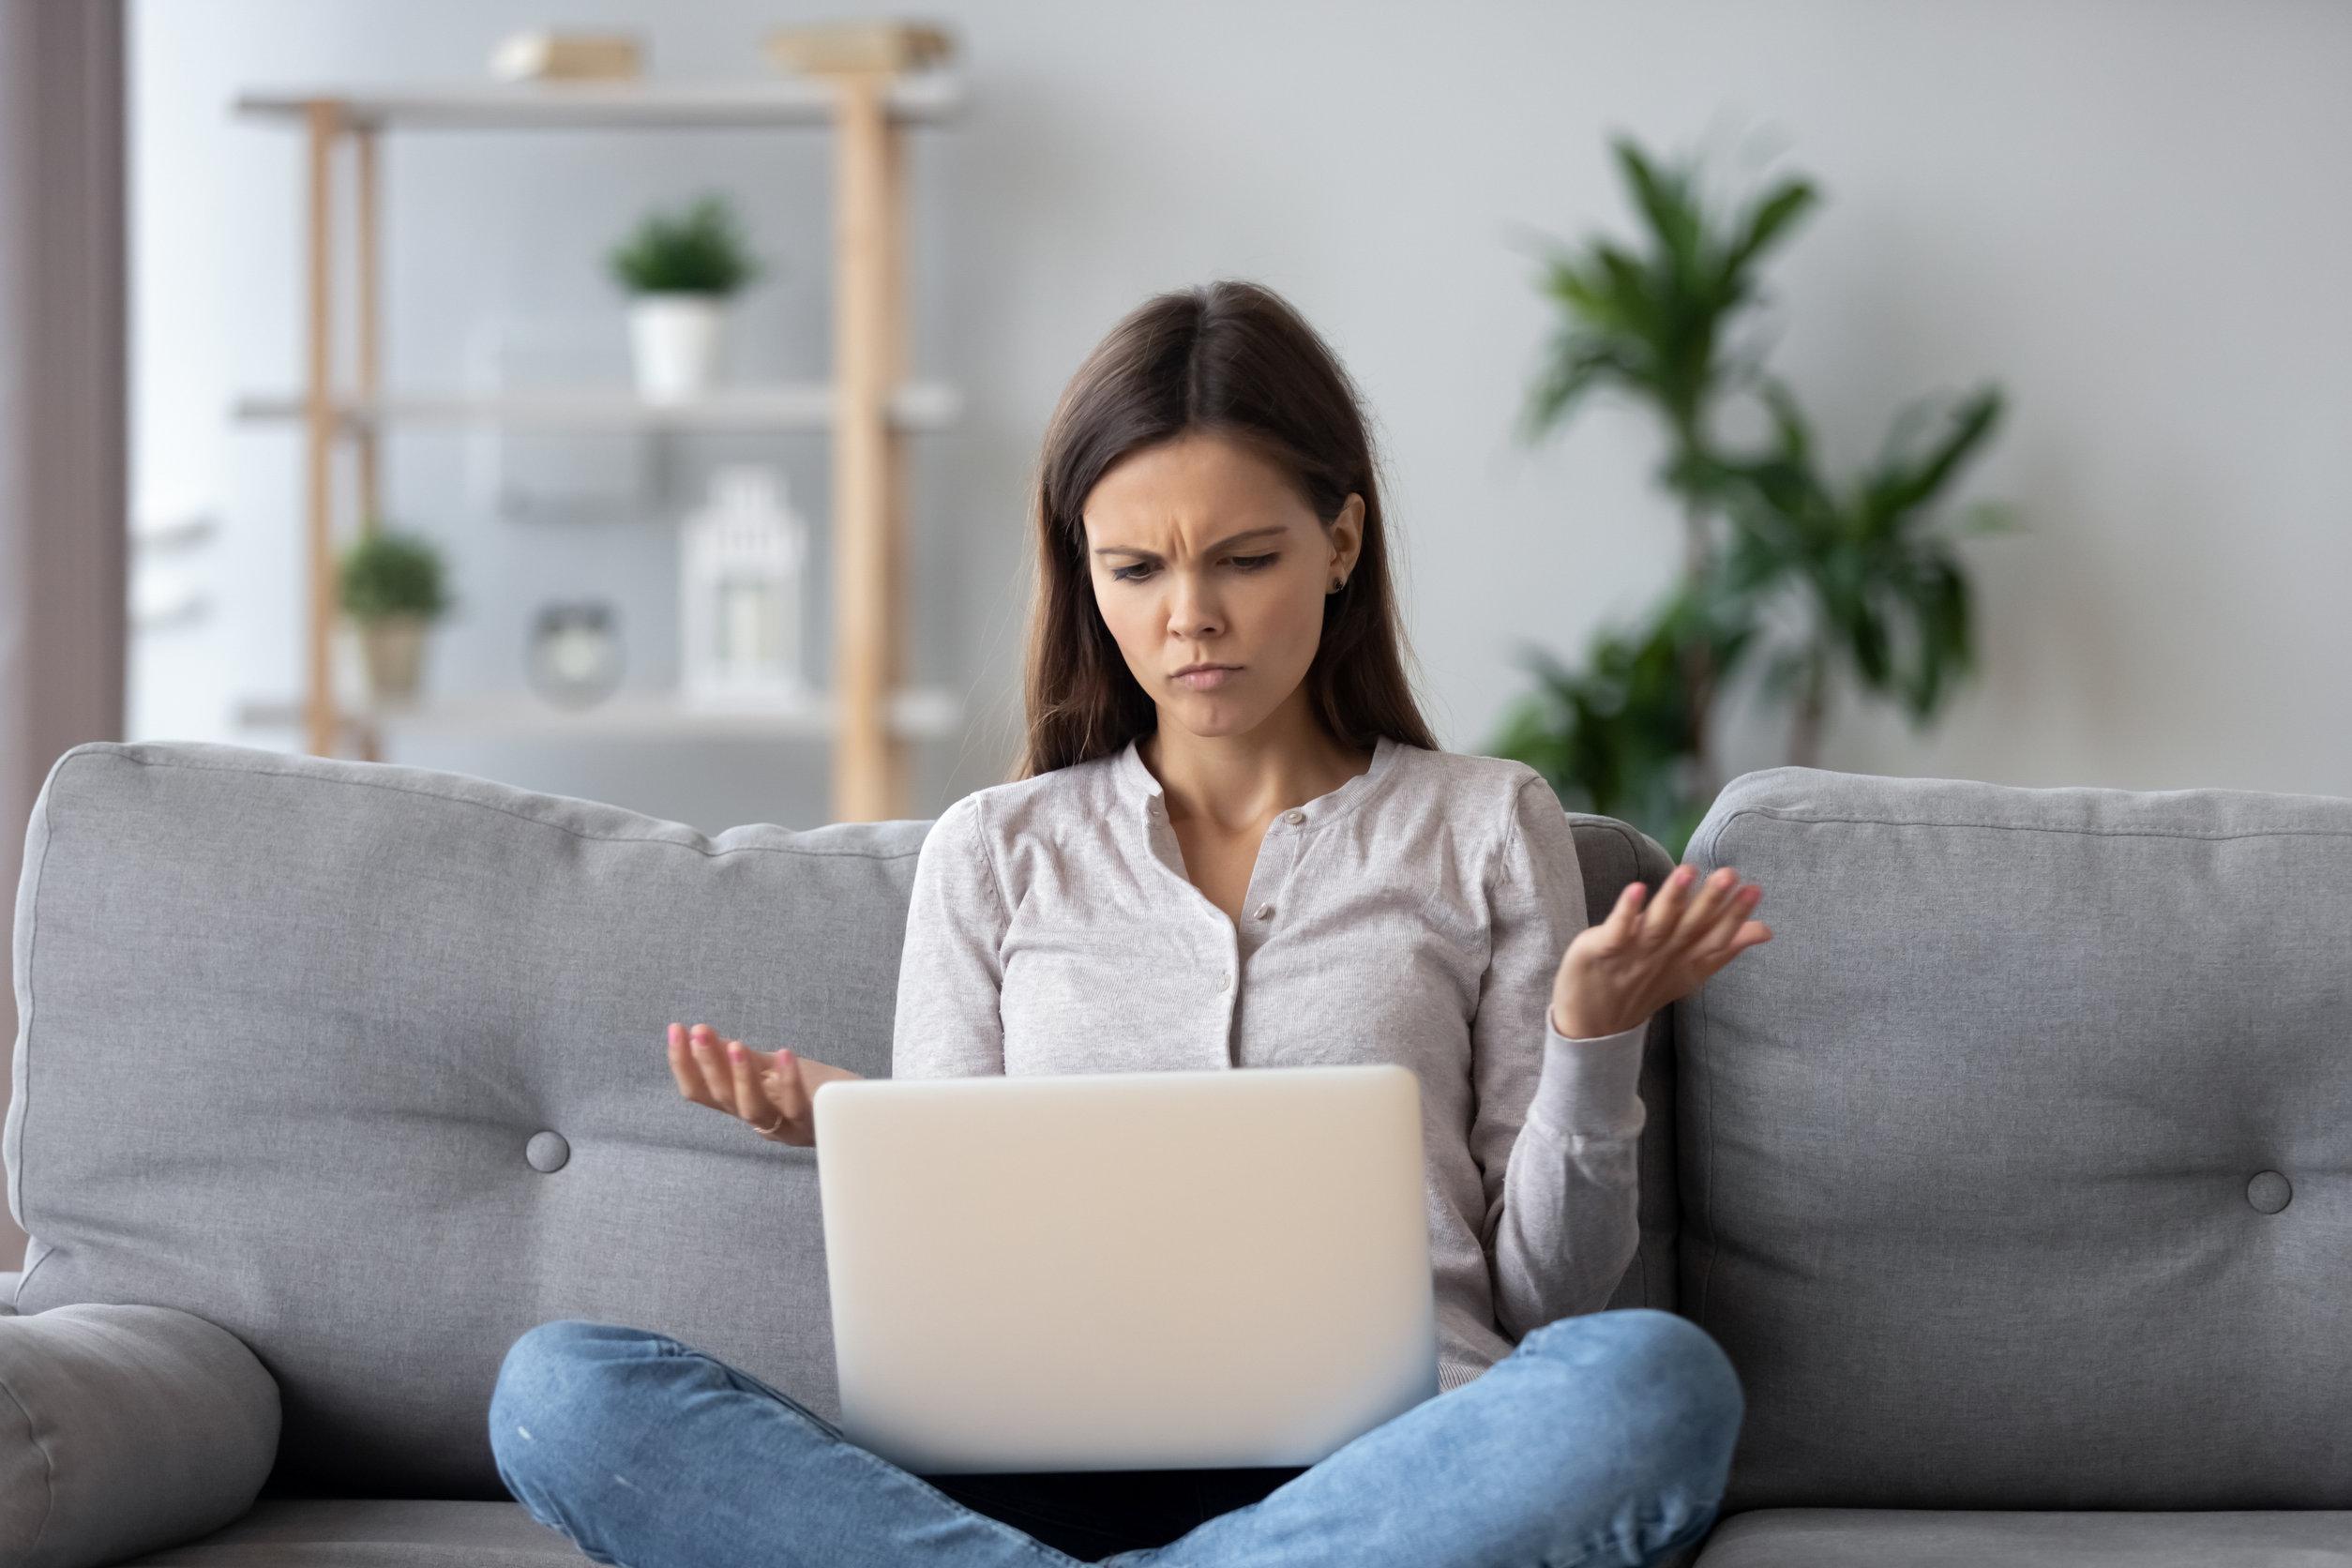 Mujer cansada de las interferencias de su conexión a internet